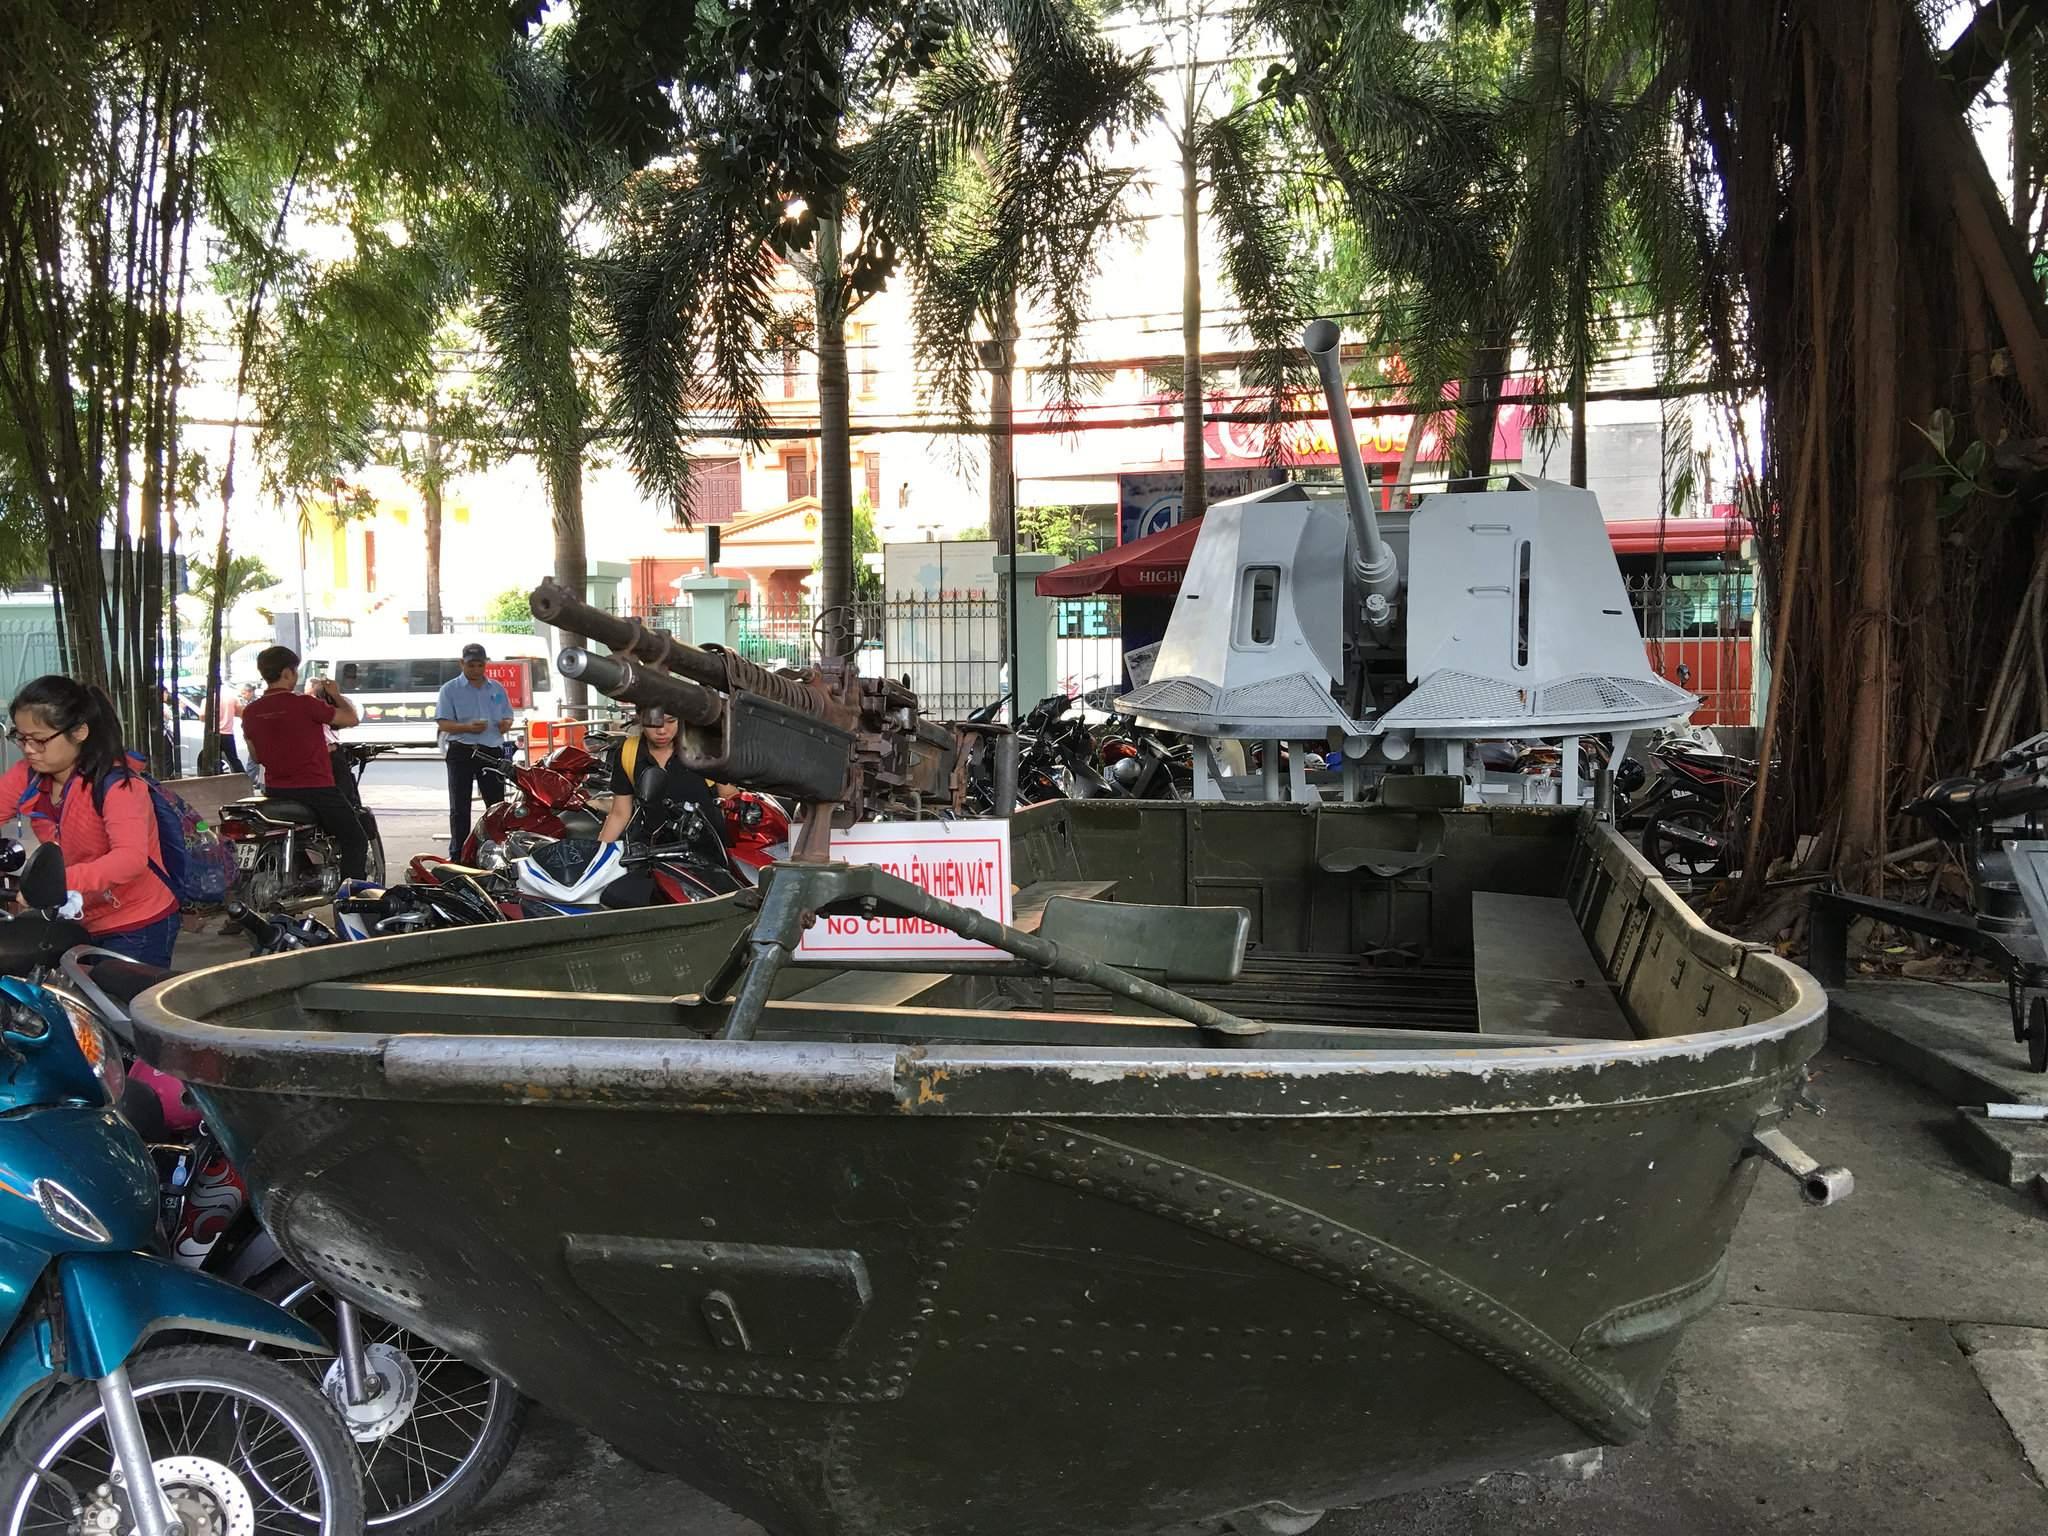 war remnants museum6 War Remnants Museum in Ho Chi Minh City, Vietnam